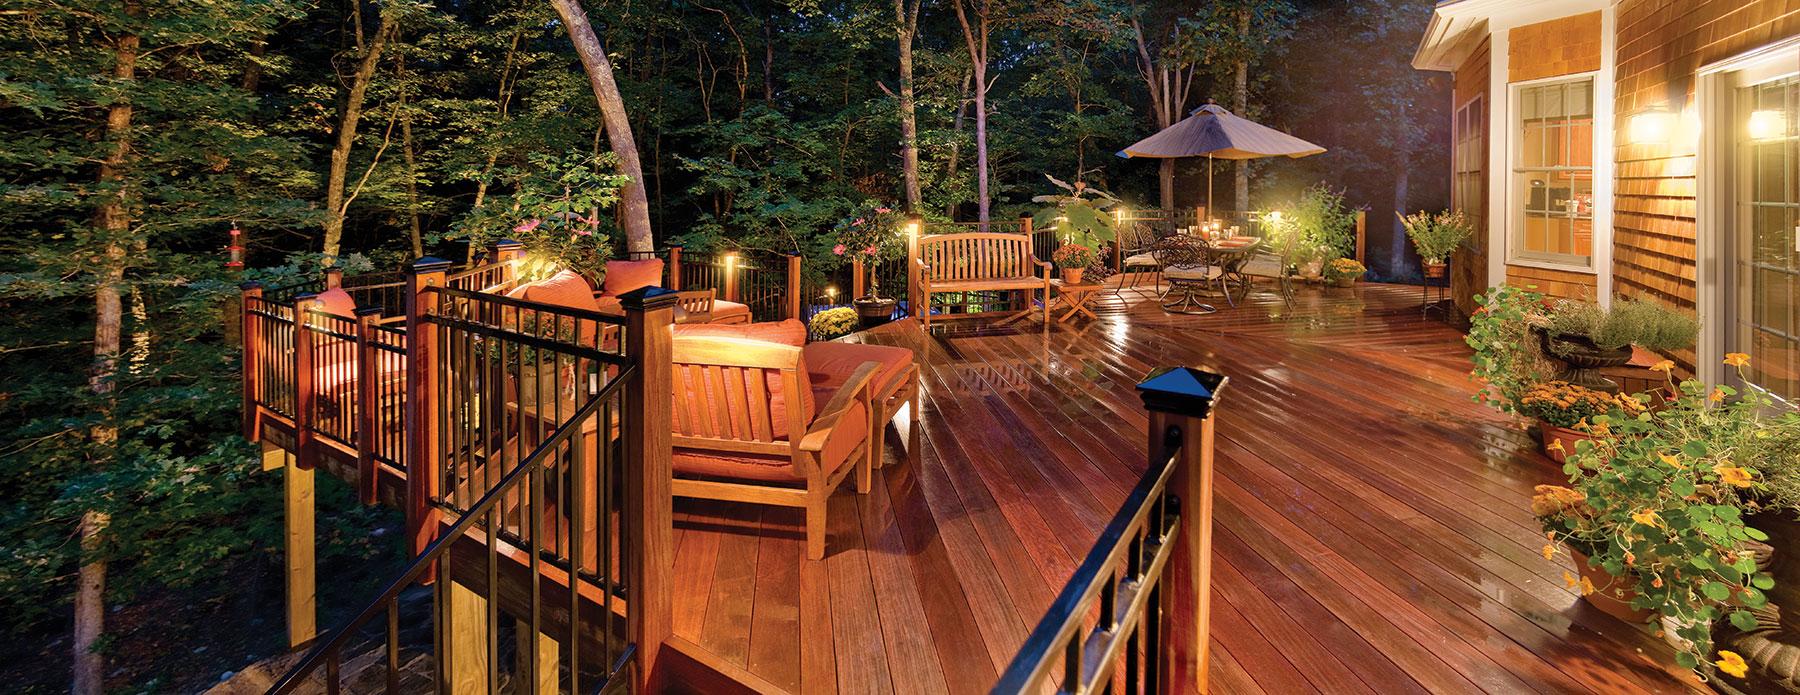 deck patio lighting outdoor